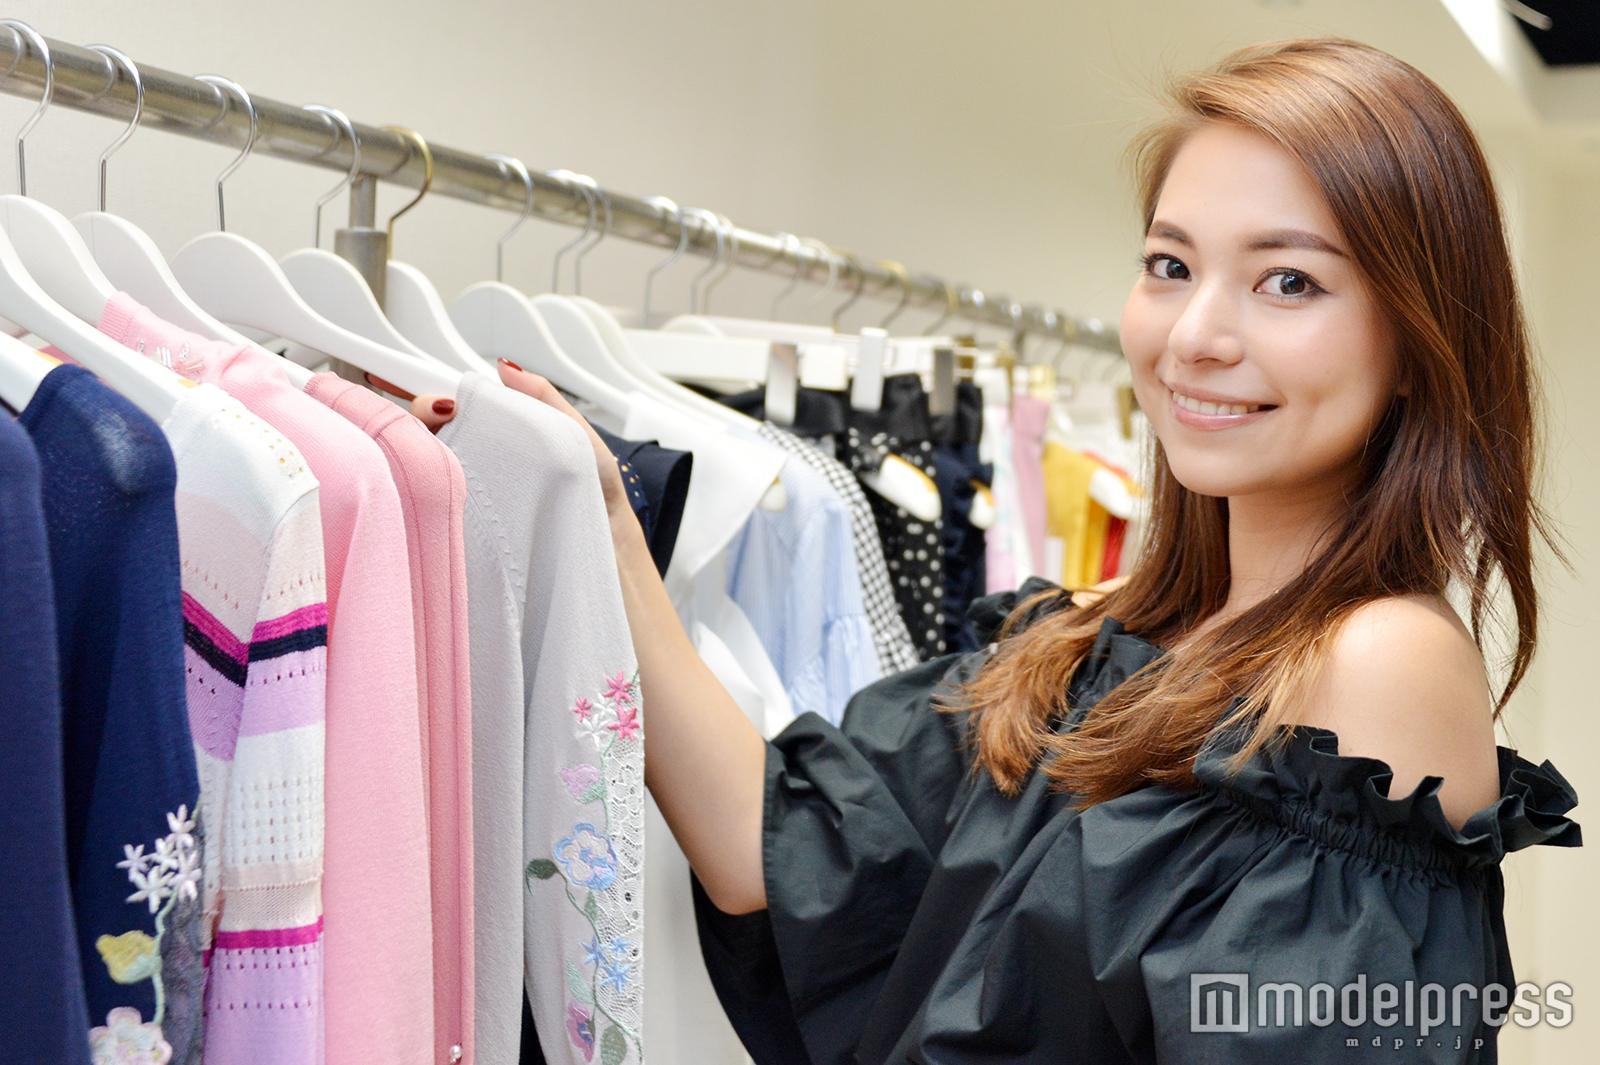 モデルプレスのインタビューに応じた植田恵さん(C)モデルプレス